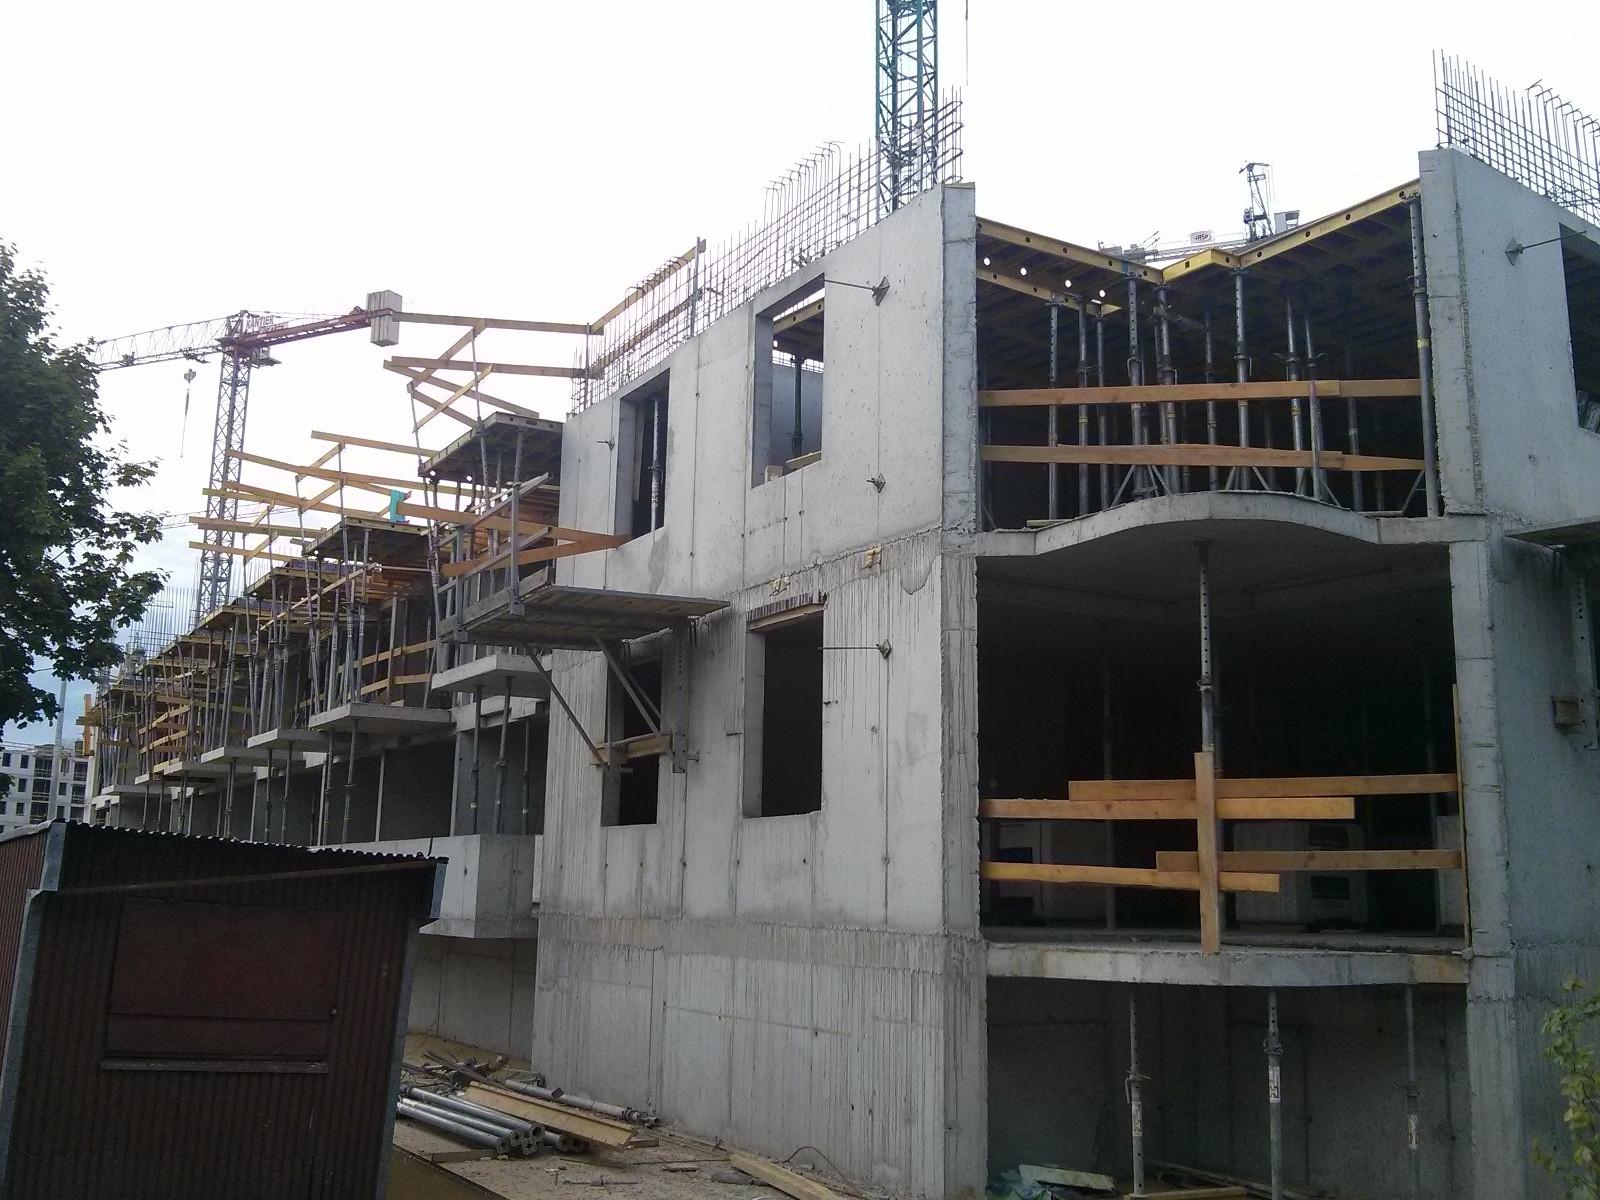 Budowa pierwszego piętra inwestycji Avia 5 od południowego zachodu